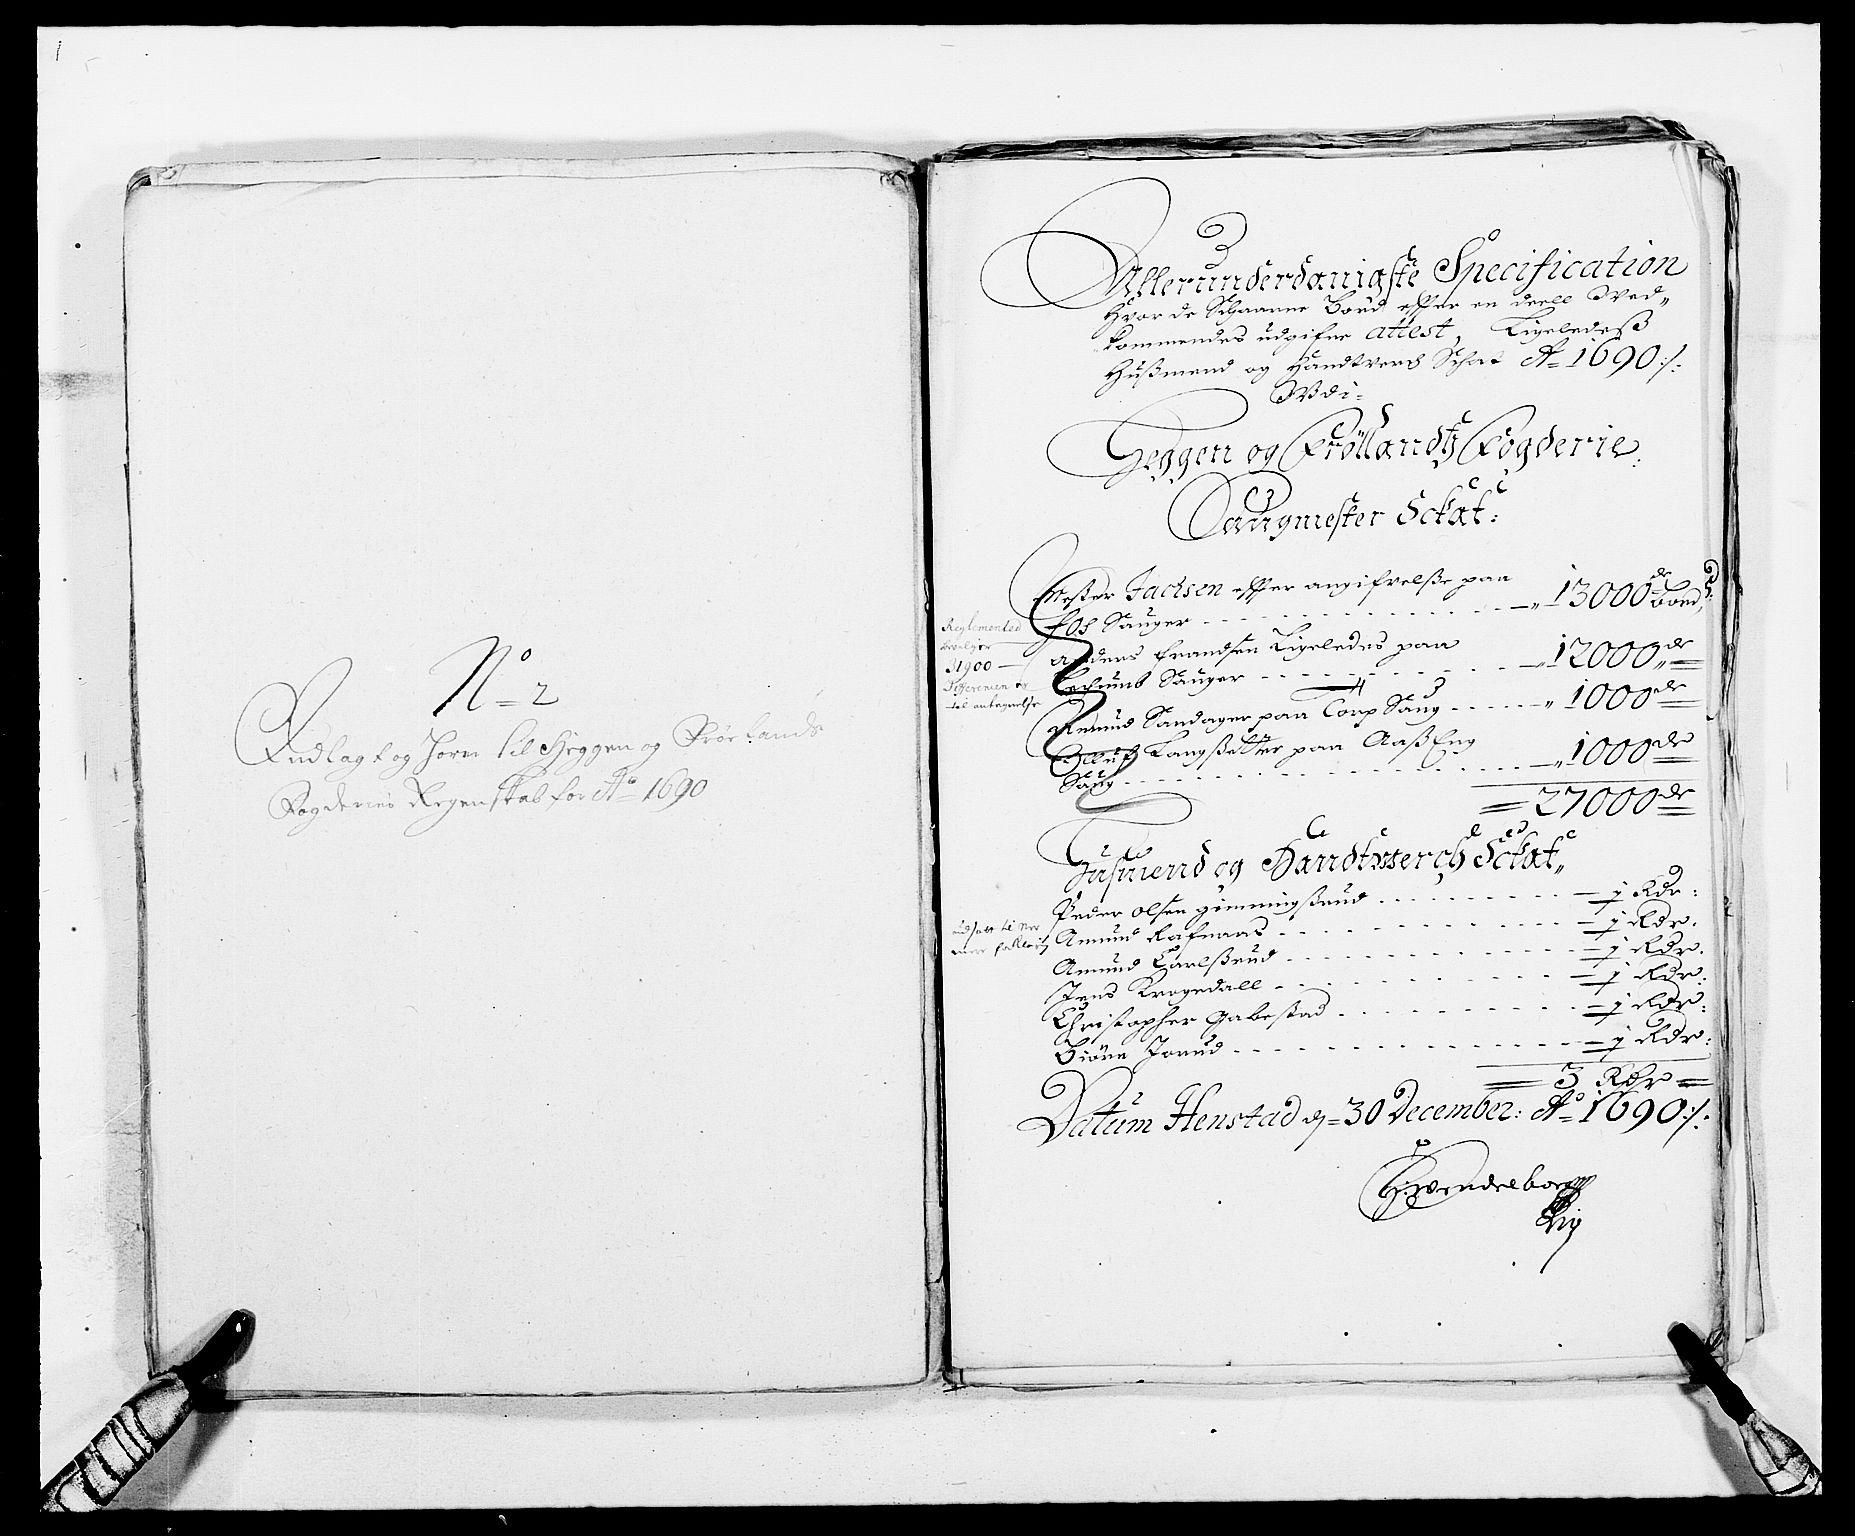 RA, Rentekammeret inntil 1814, Reviderte regnskaper, Fogderegnskap, R06/L0282: Fogderegnskap Heggen og Frøland, 1687-1690, s. 240